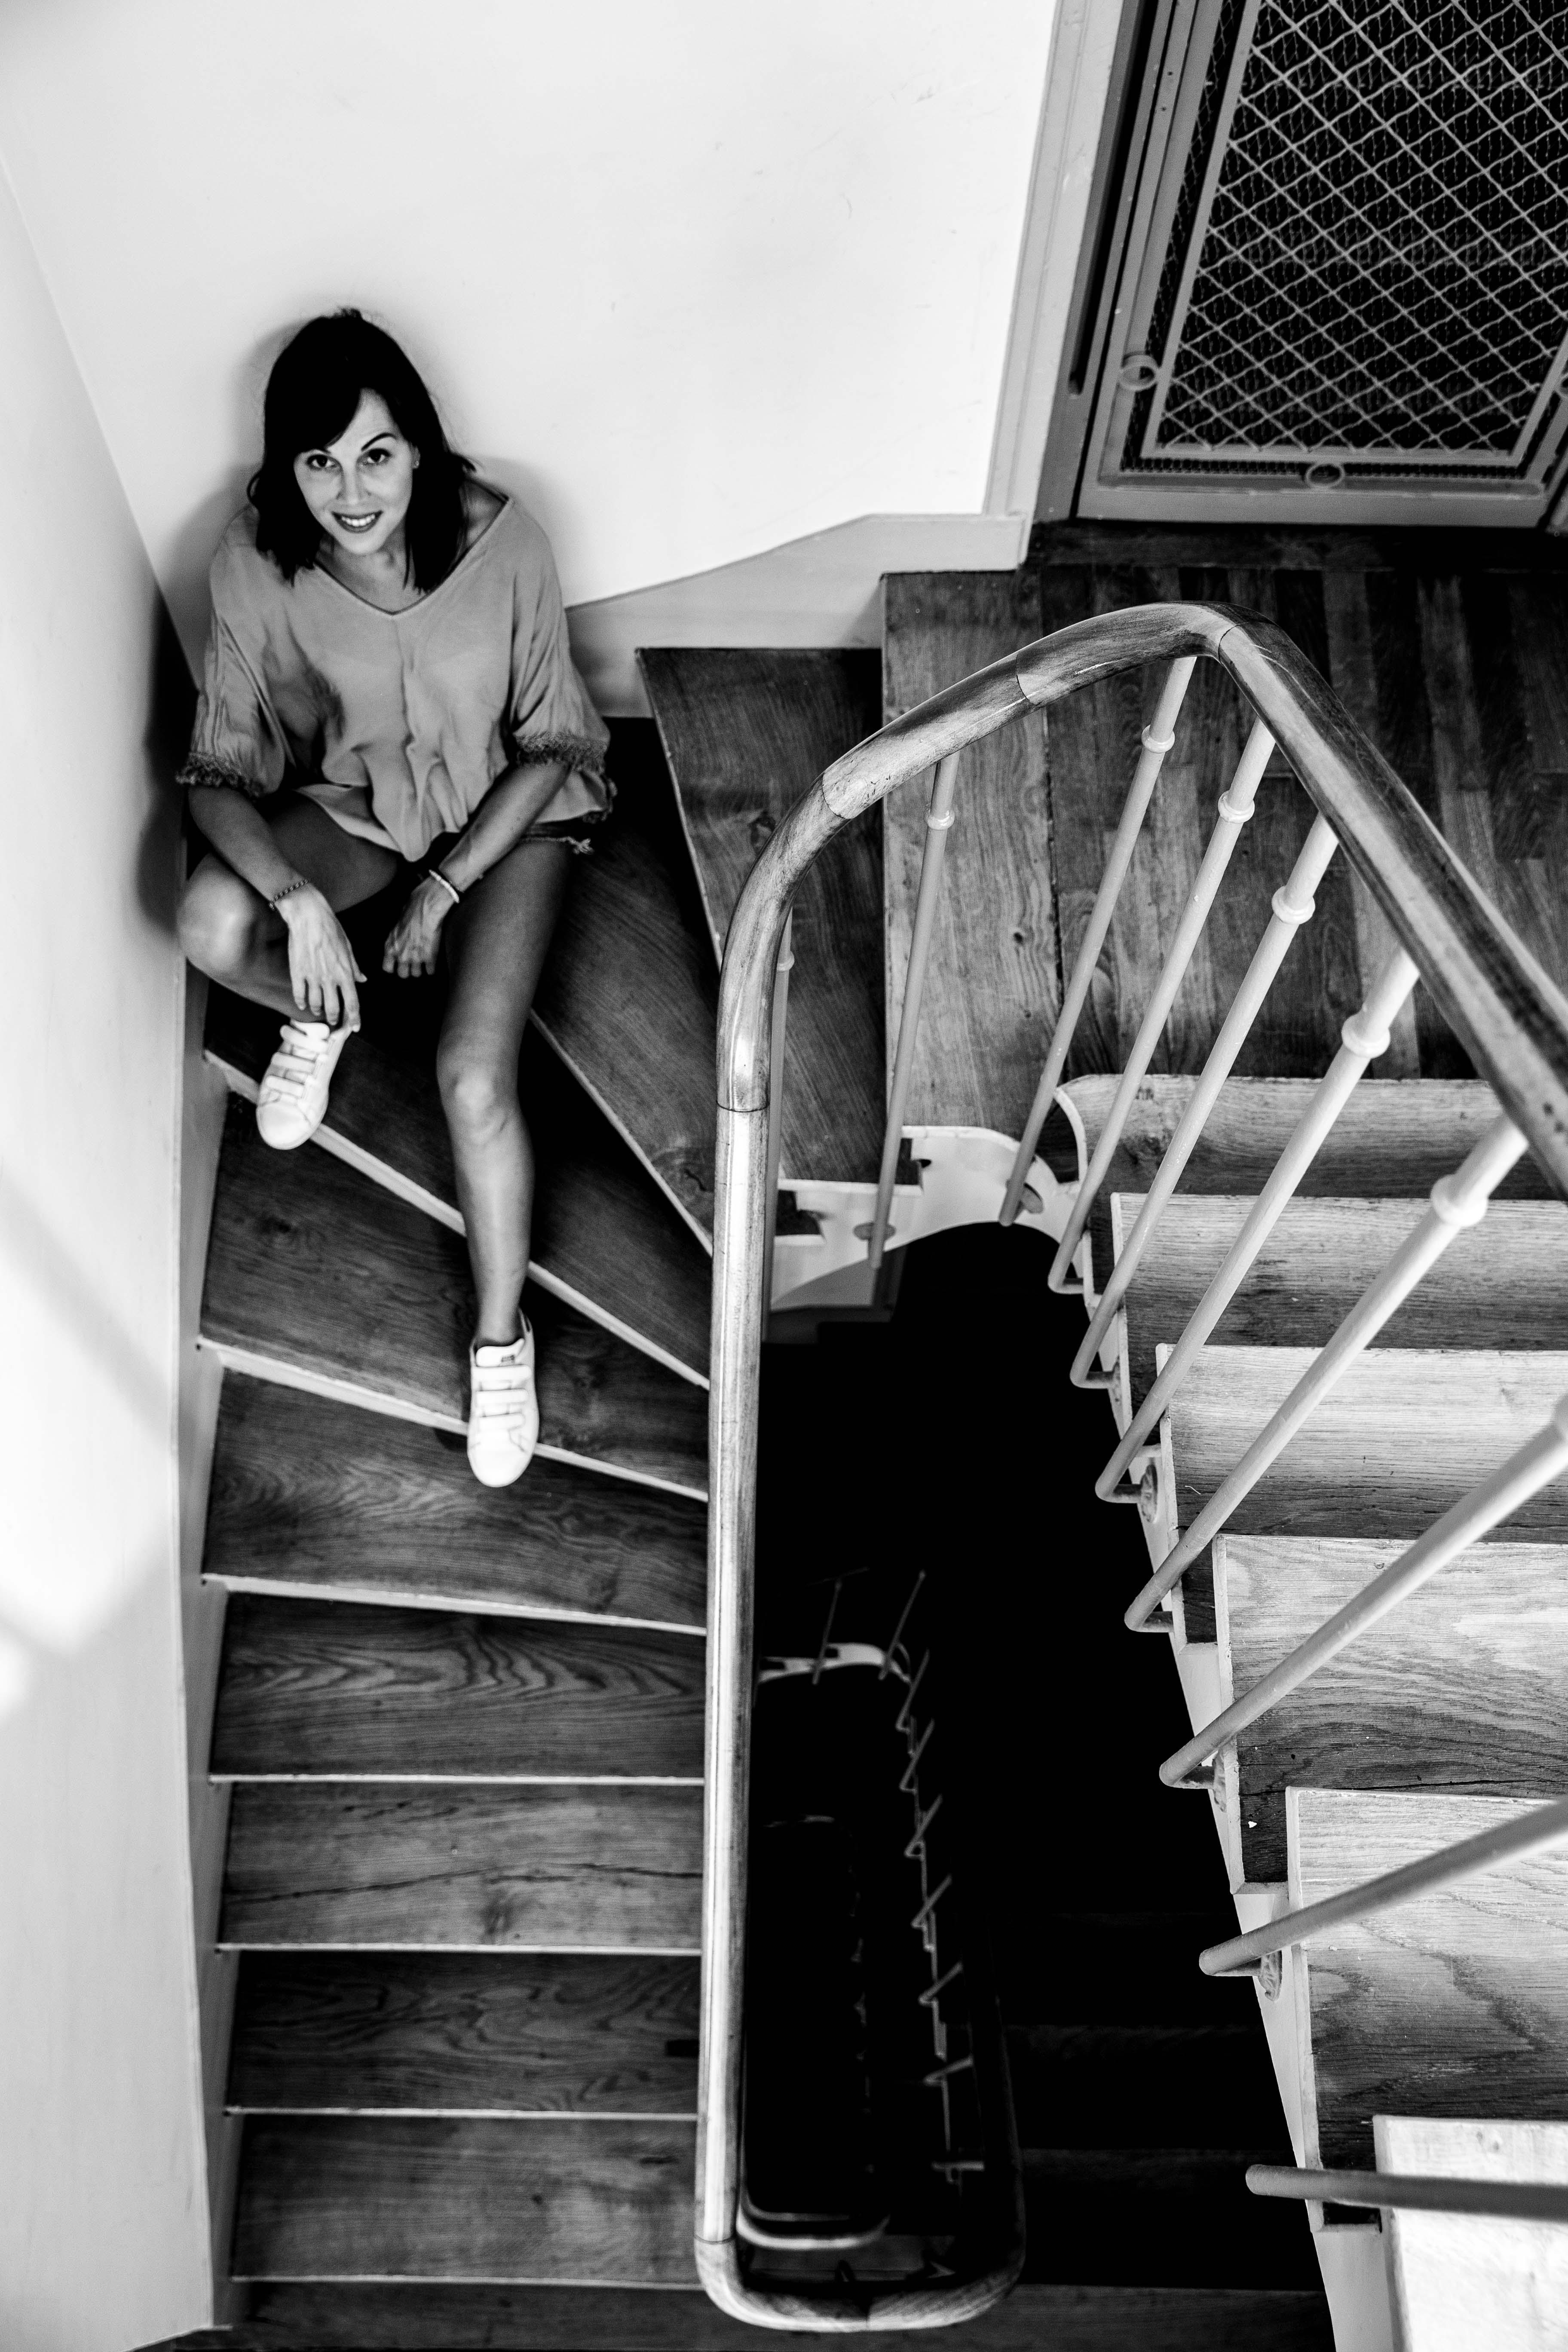 by Ingrid Mareski, automne 2019